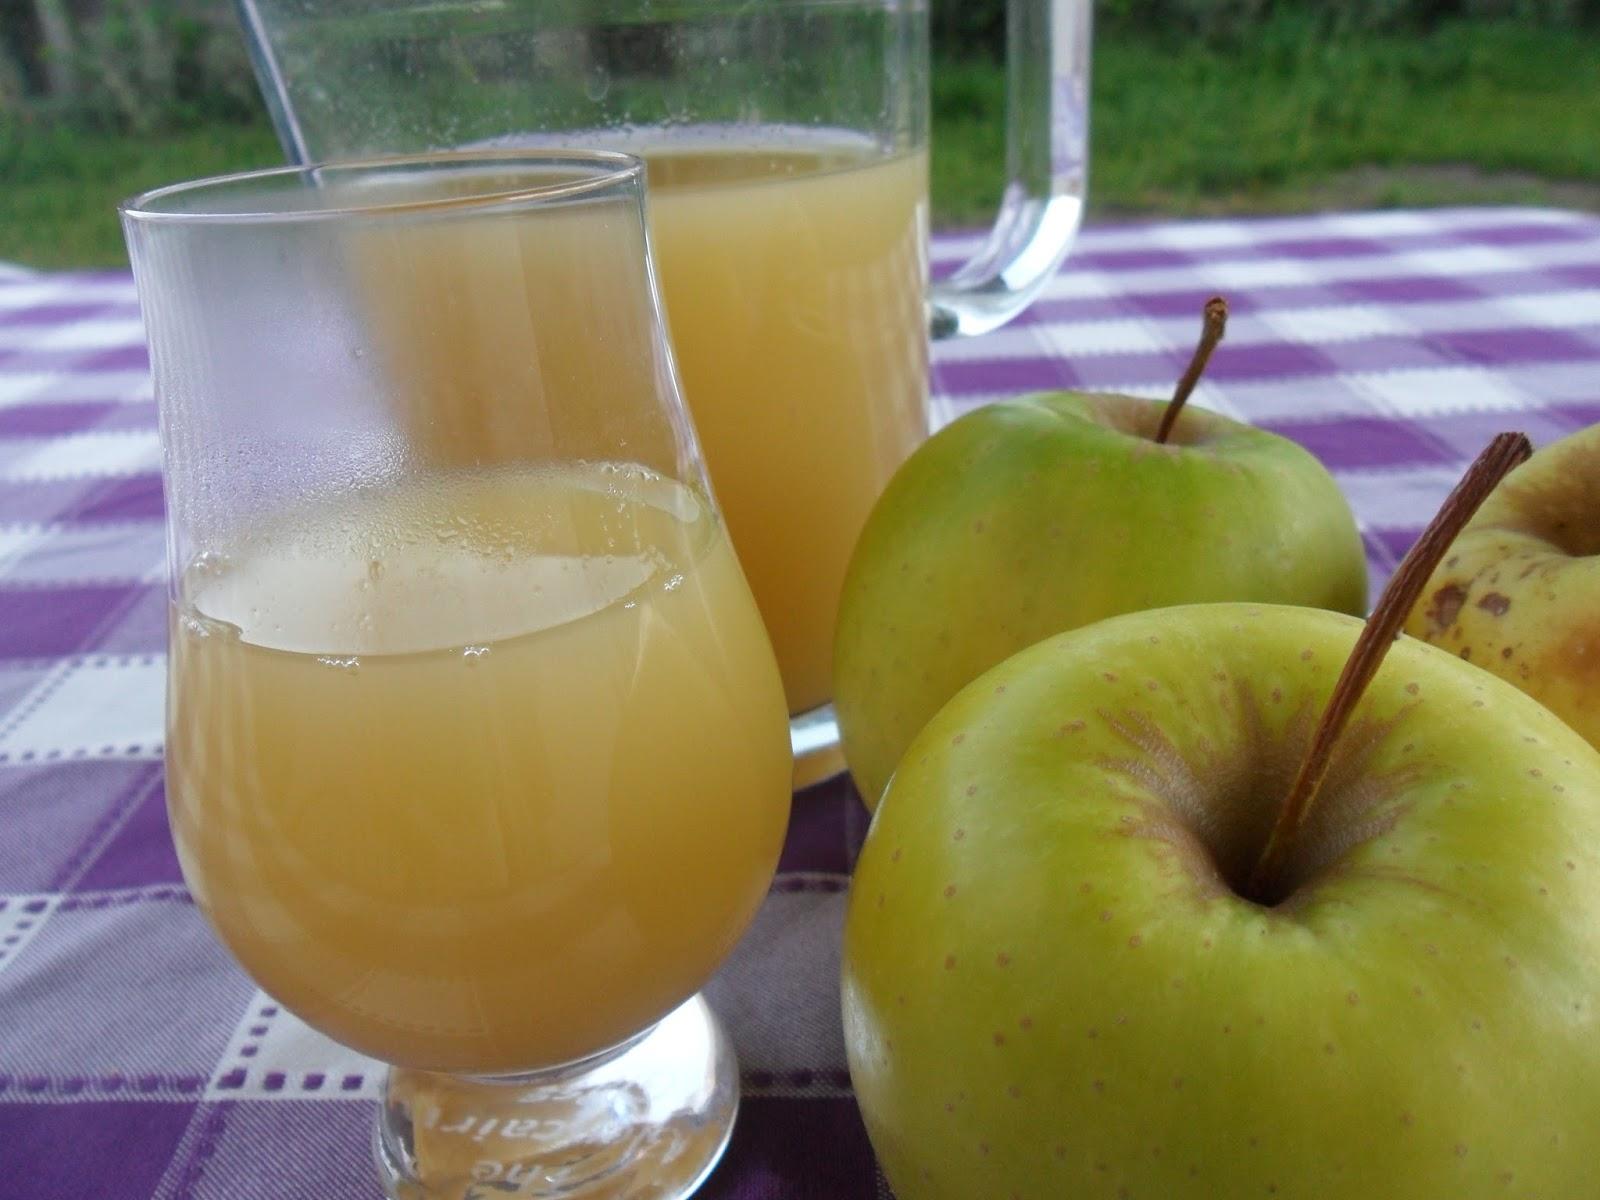 Jus de pomme maison au thermomix environ 750ml - Jus de pomme maison ...